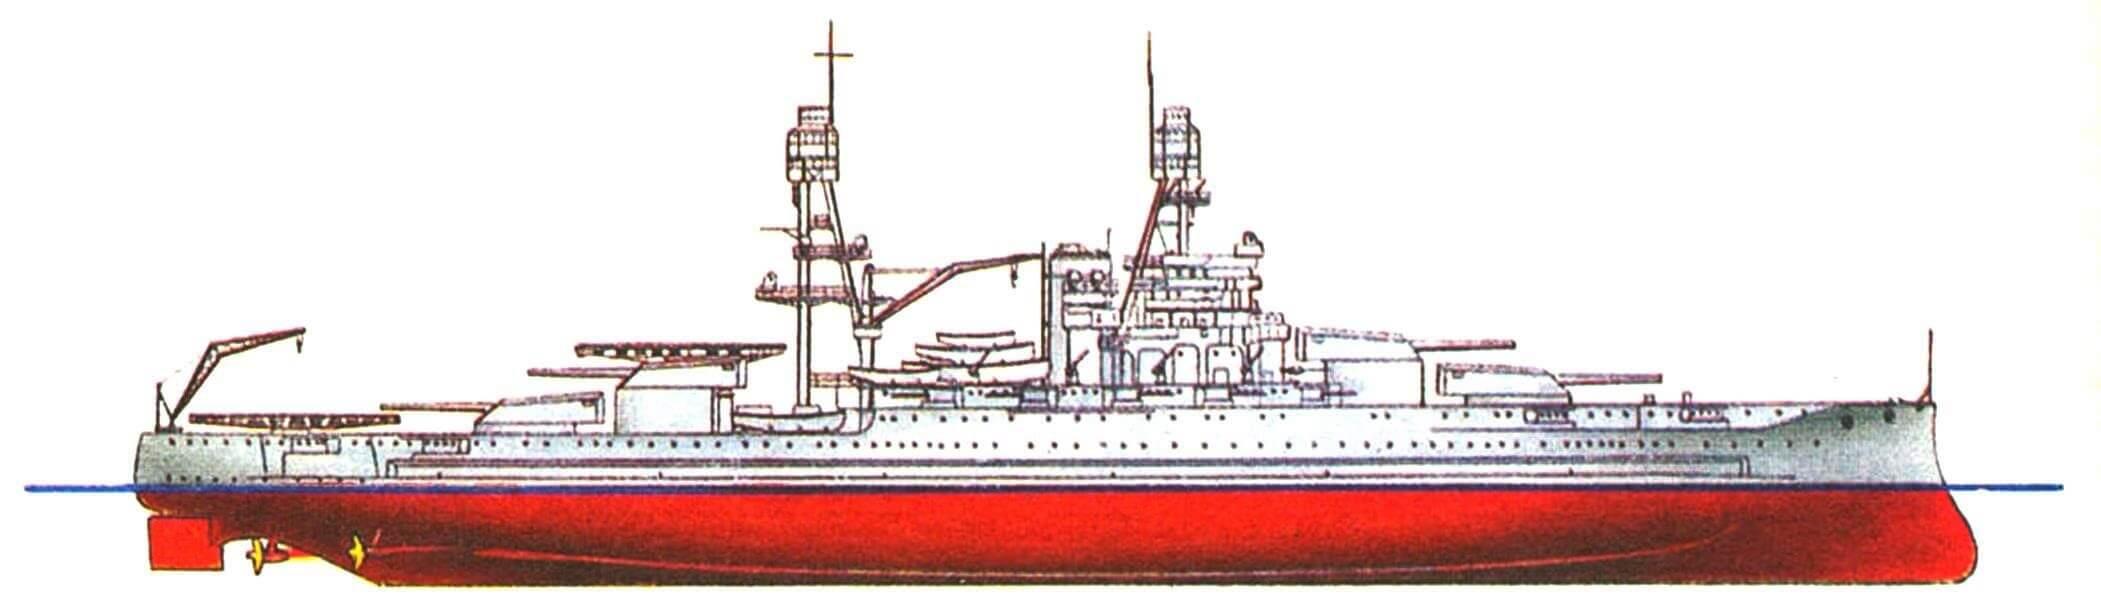 210. Линейный корабль «АРИЗОНА», США, 1916/1936 г. Водоизмещение стандартное 33125 т, полное 39300 т, длина максимальная 182,9 м, ширина с булями 32,4 м, осадка 10,1 м. Мощность четырехвальной турбинной установки 33400 л.с., скорость 21 уз. Броня: пояс до 343 мм, башни до 457 мм, палубы до 127 мм, рубка 406 мм. Вооружение: по двенадцать 356-мм и 127-мм орудий, по восемь 127-мм и 28-мм зенитных пушек. Внешний вид корабля показан по состоянию на 1936 г. Аналогичным образом модернизированы «Оклахома», «Невада» и «Пенсильвания».